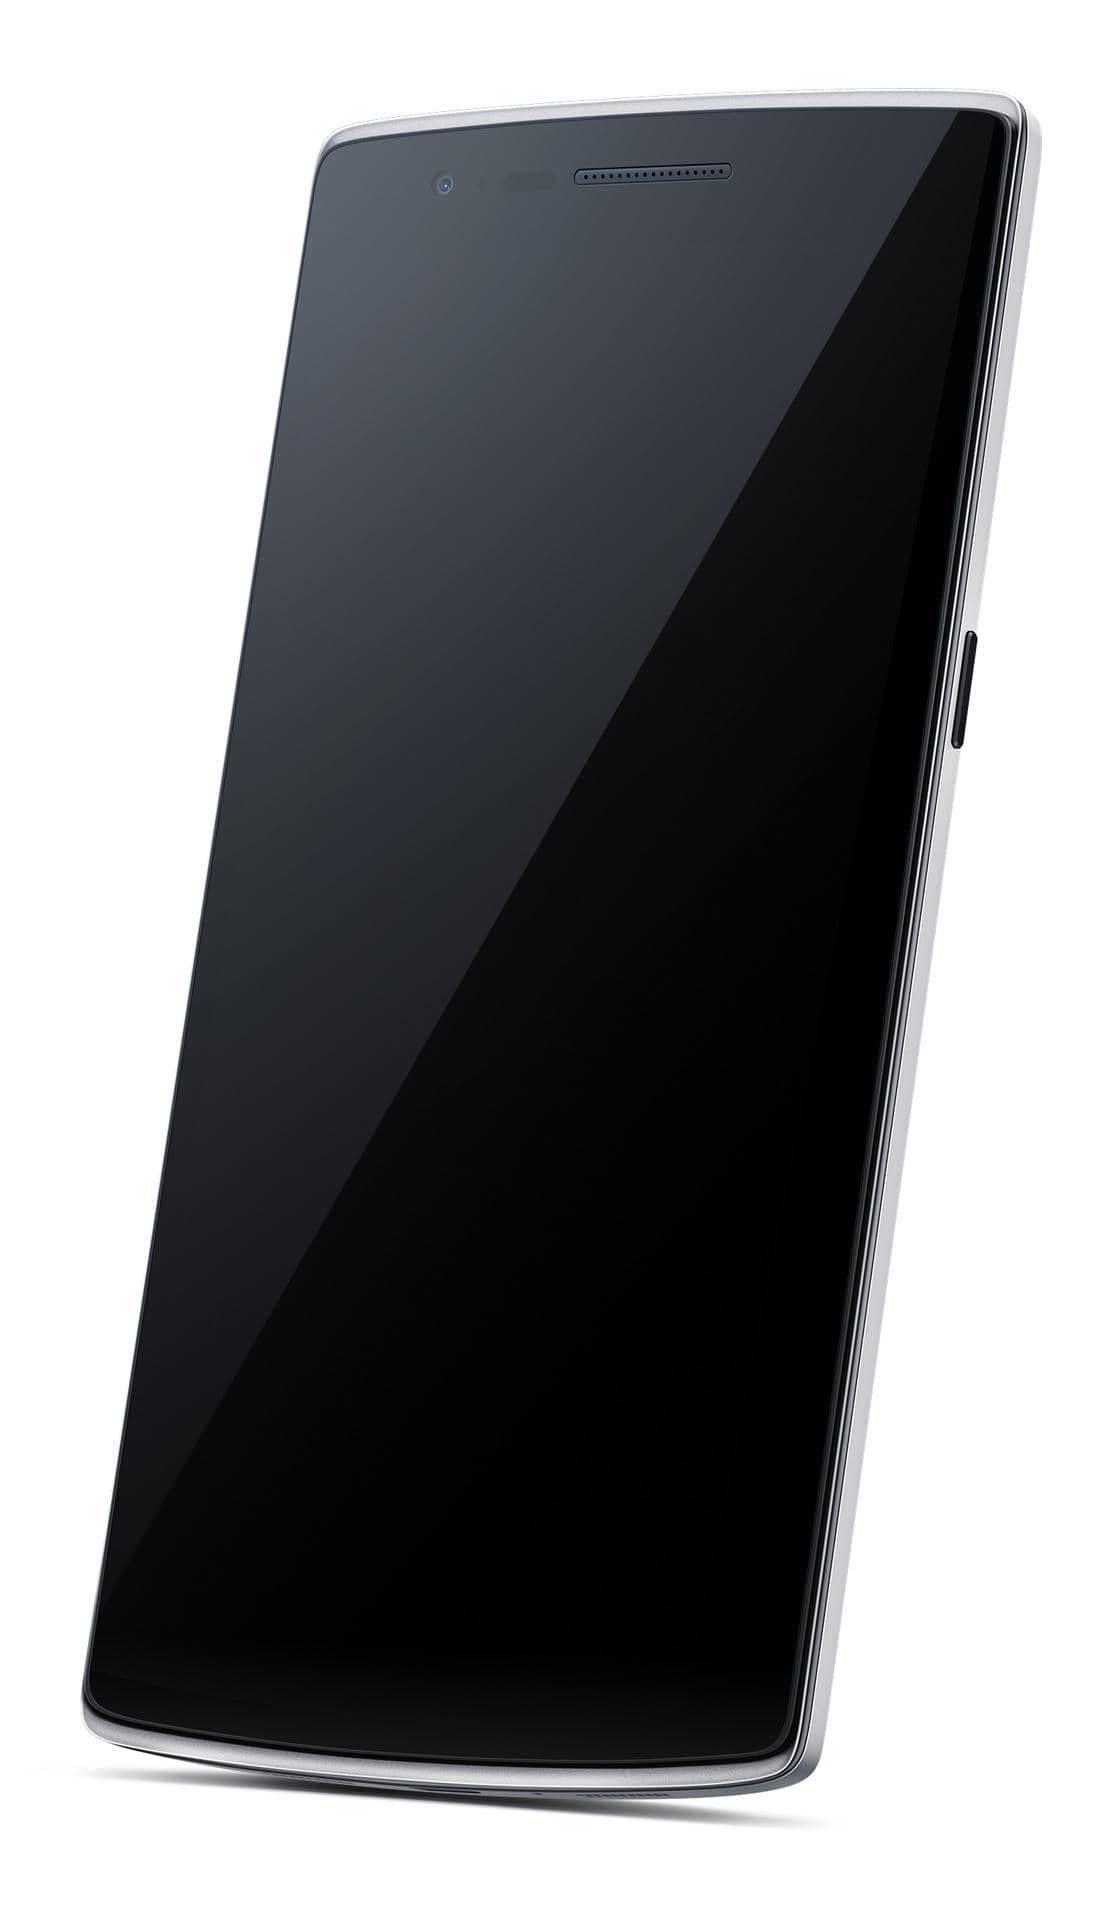 Das Display des OnePlus One hat eine Diagonale von 5,5 Zoll.